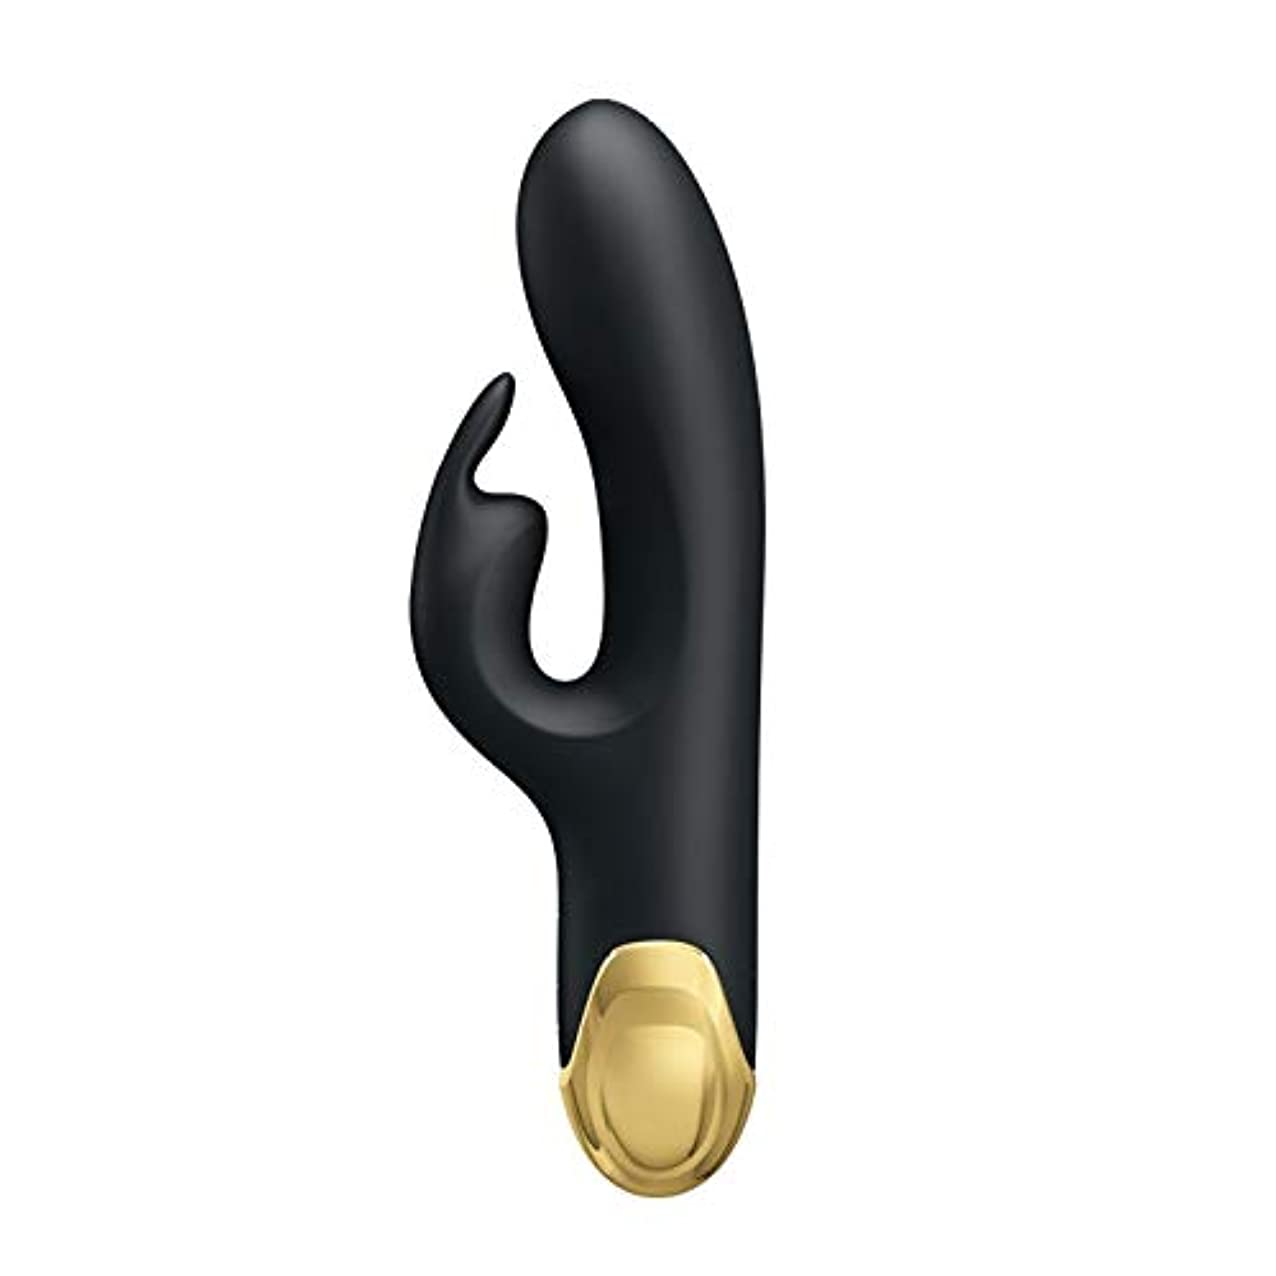 かかわらず合わせてヒギンズLFLZCP 女性の個人的なマッサージの棒を満たしている携帯用無線防水マッサージャーUSB LFLZCP